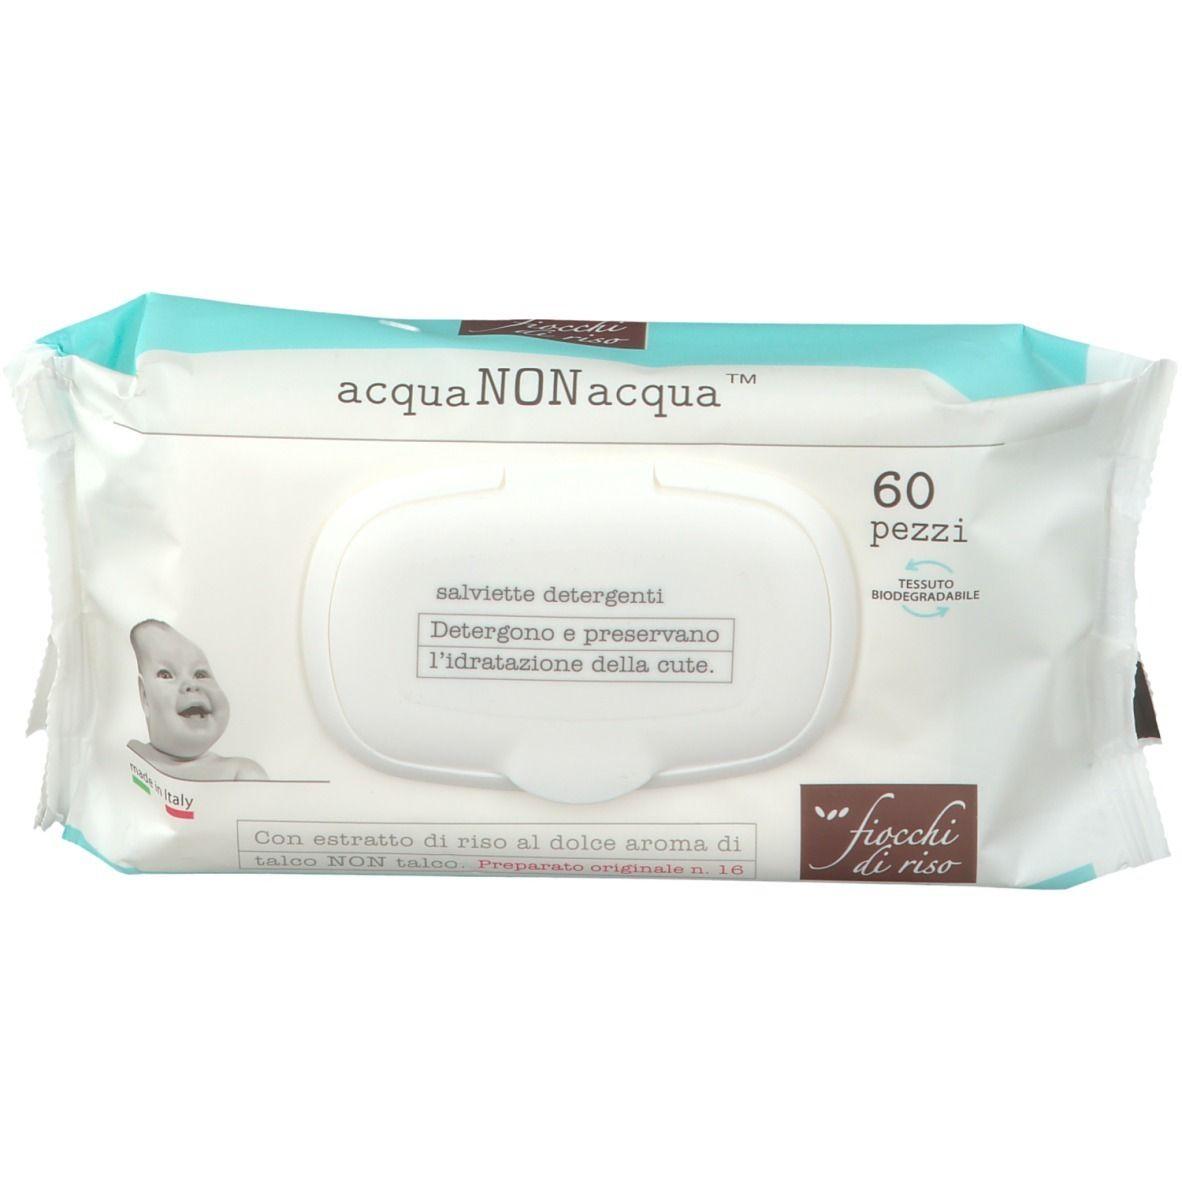 Image of Acqua NON Acqua™ Feuchttücher